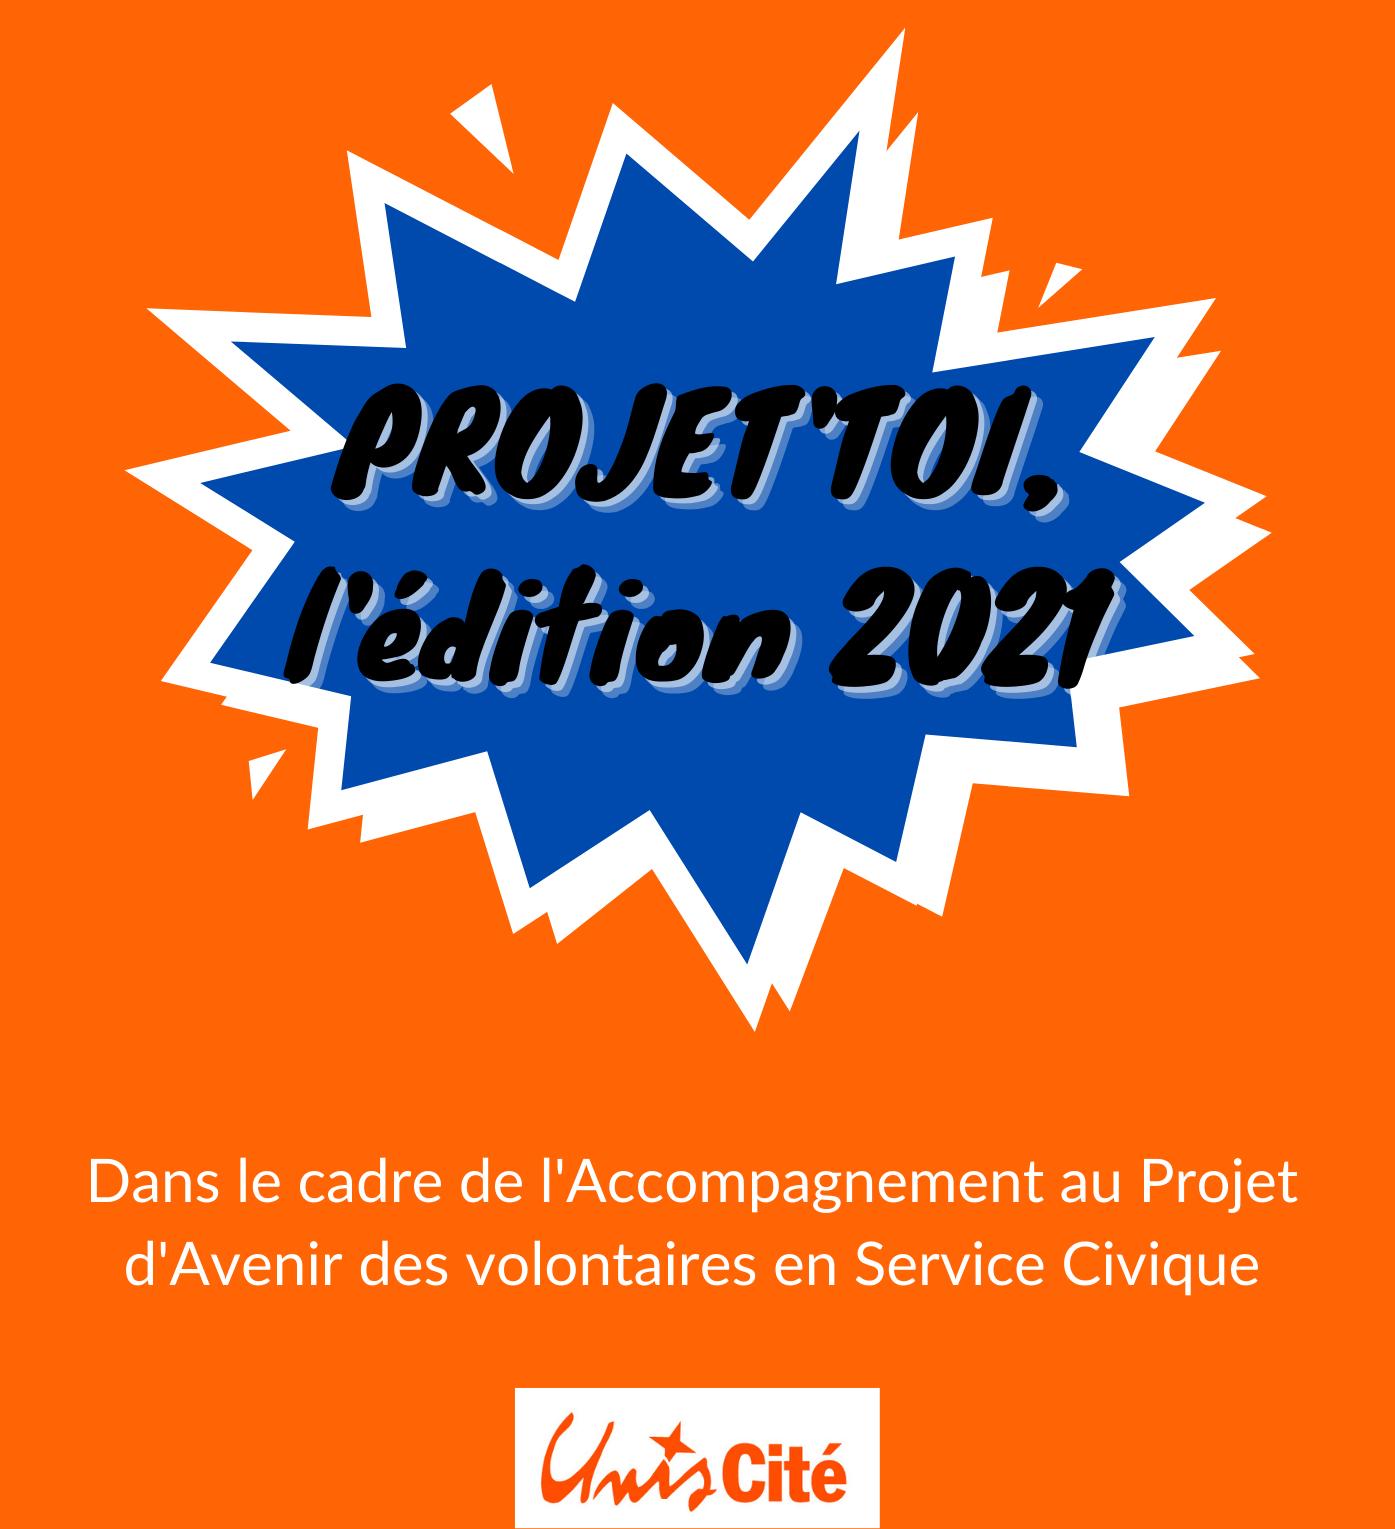 Projet'Toi 2021 – Accompagnement au Projet d'Avenir